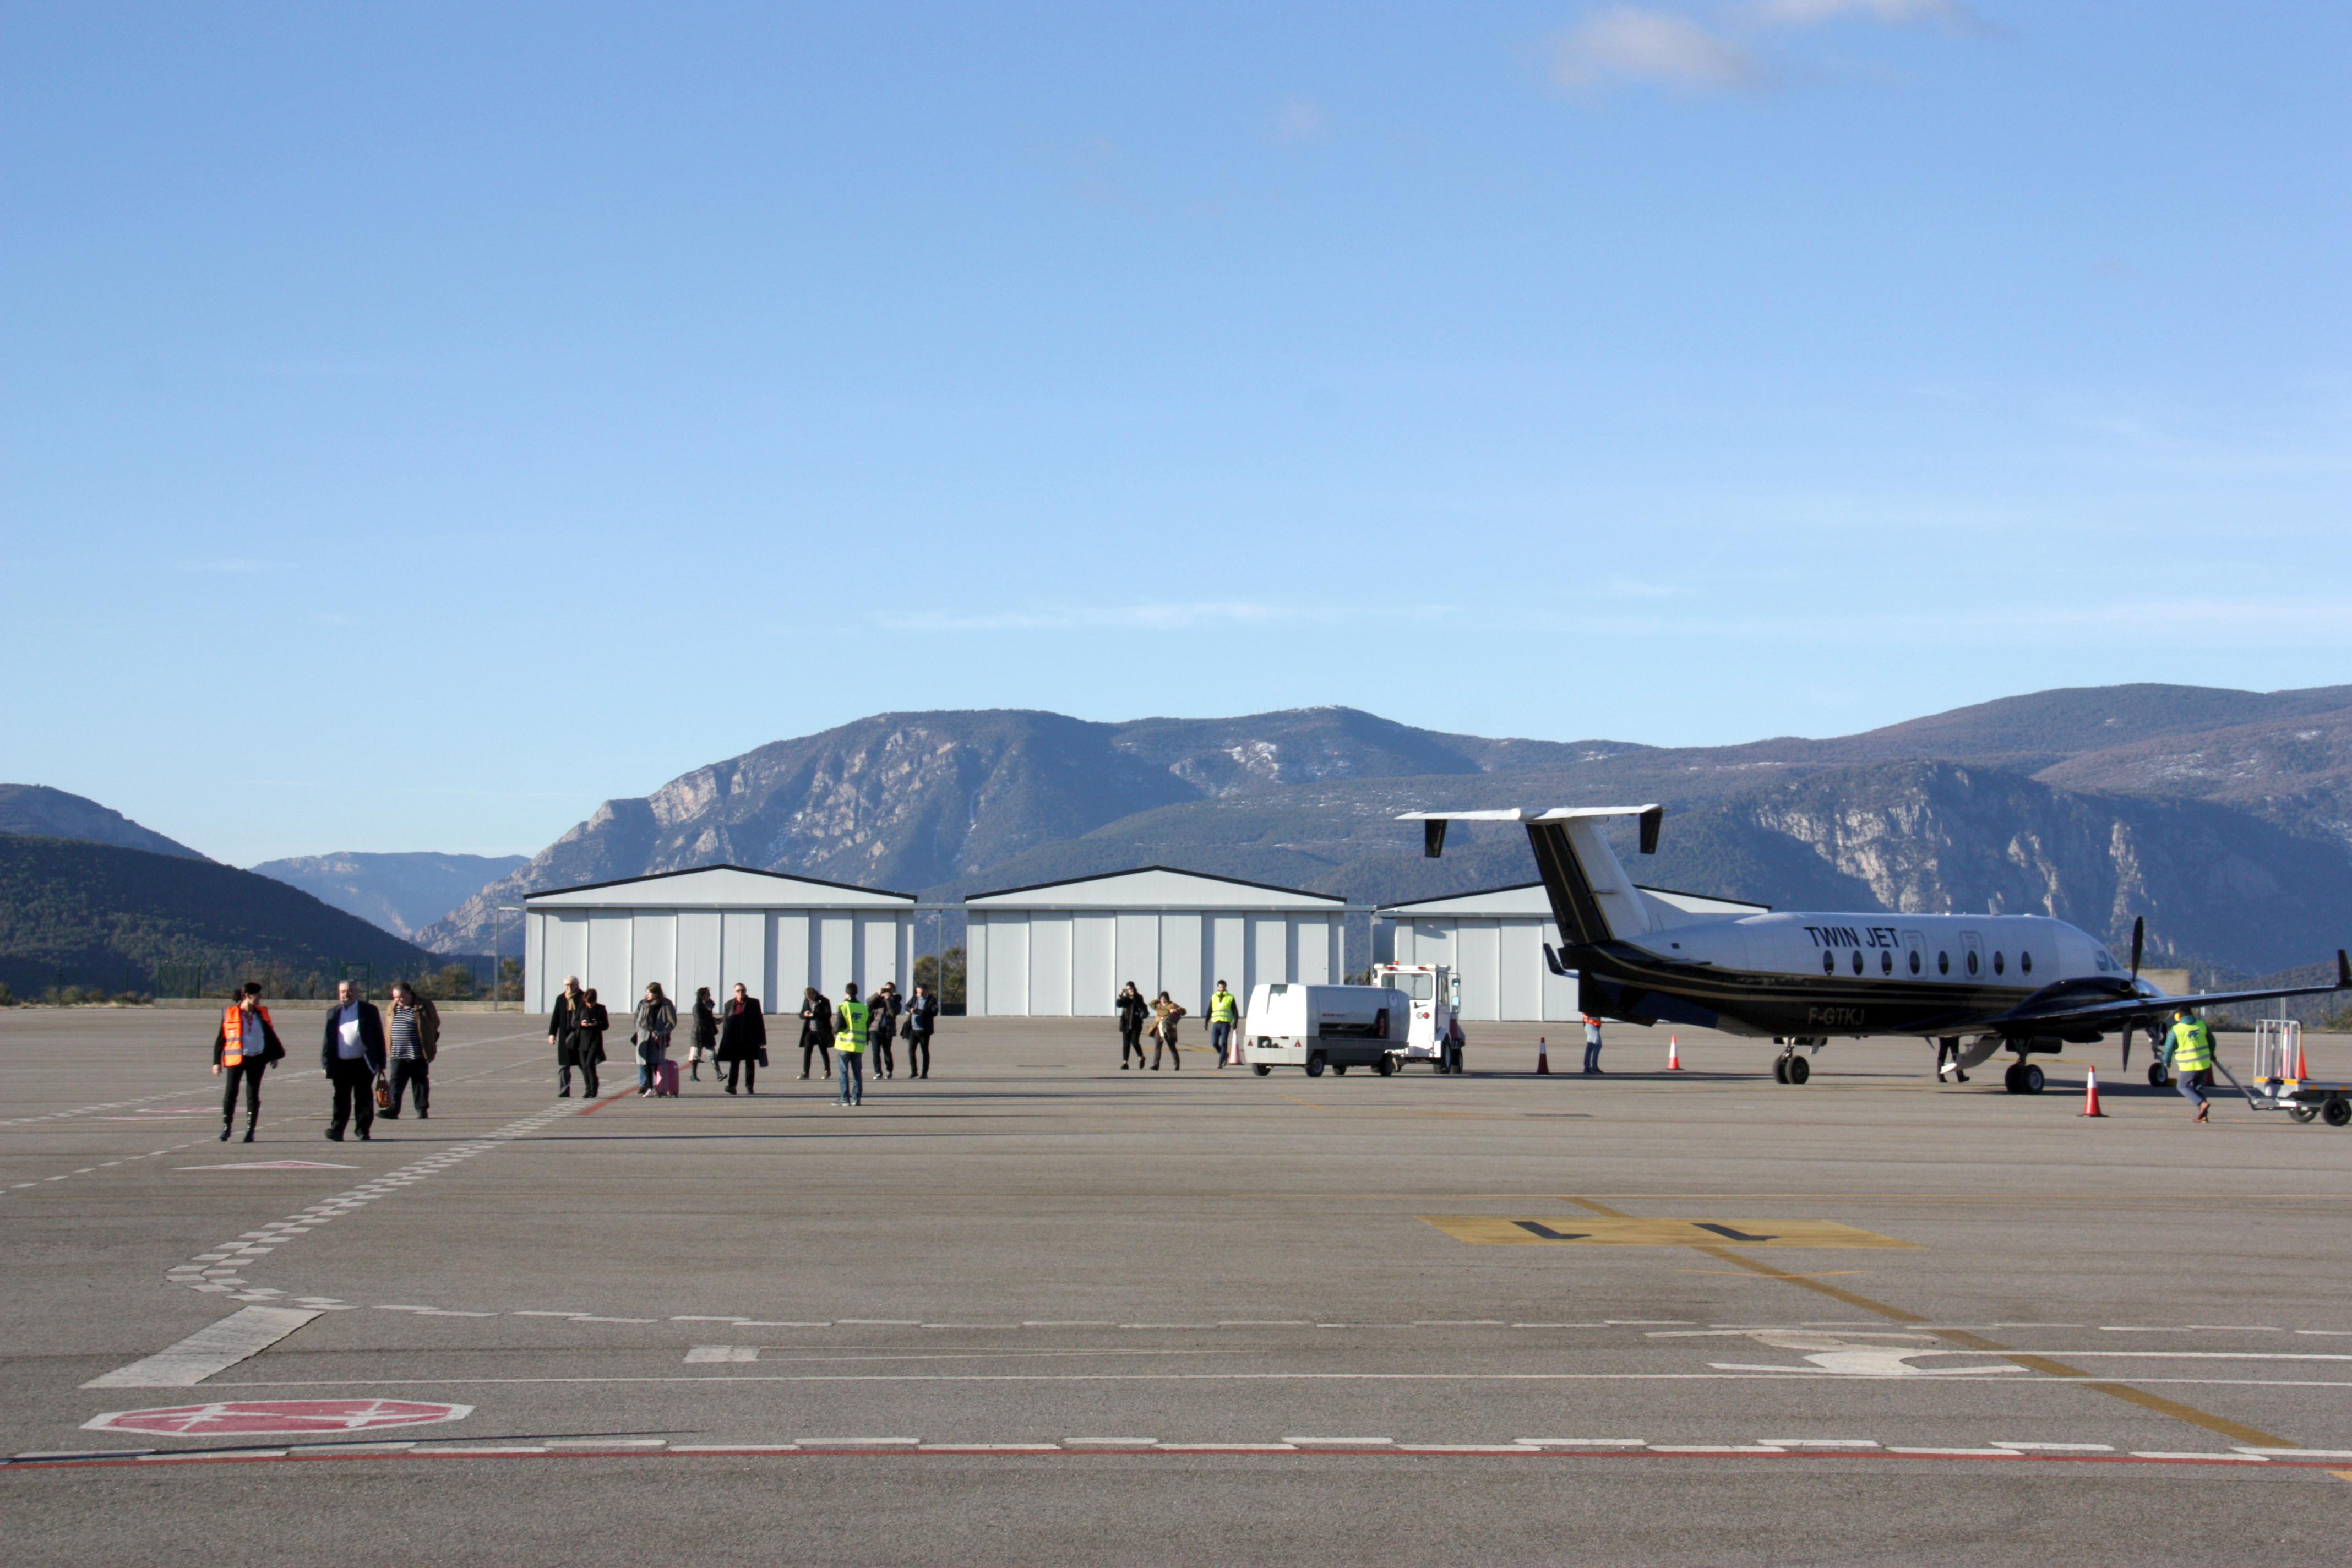 L'aeroport de la Seu no ofereix, sense el GPS, prou confiança a pilots ni viatgers